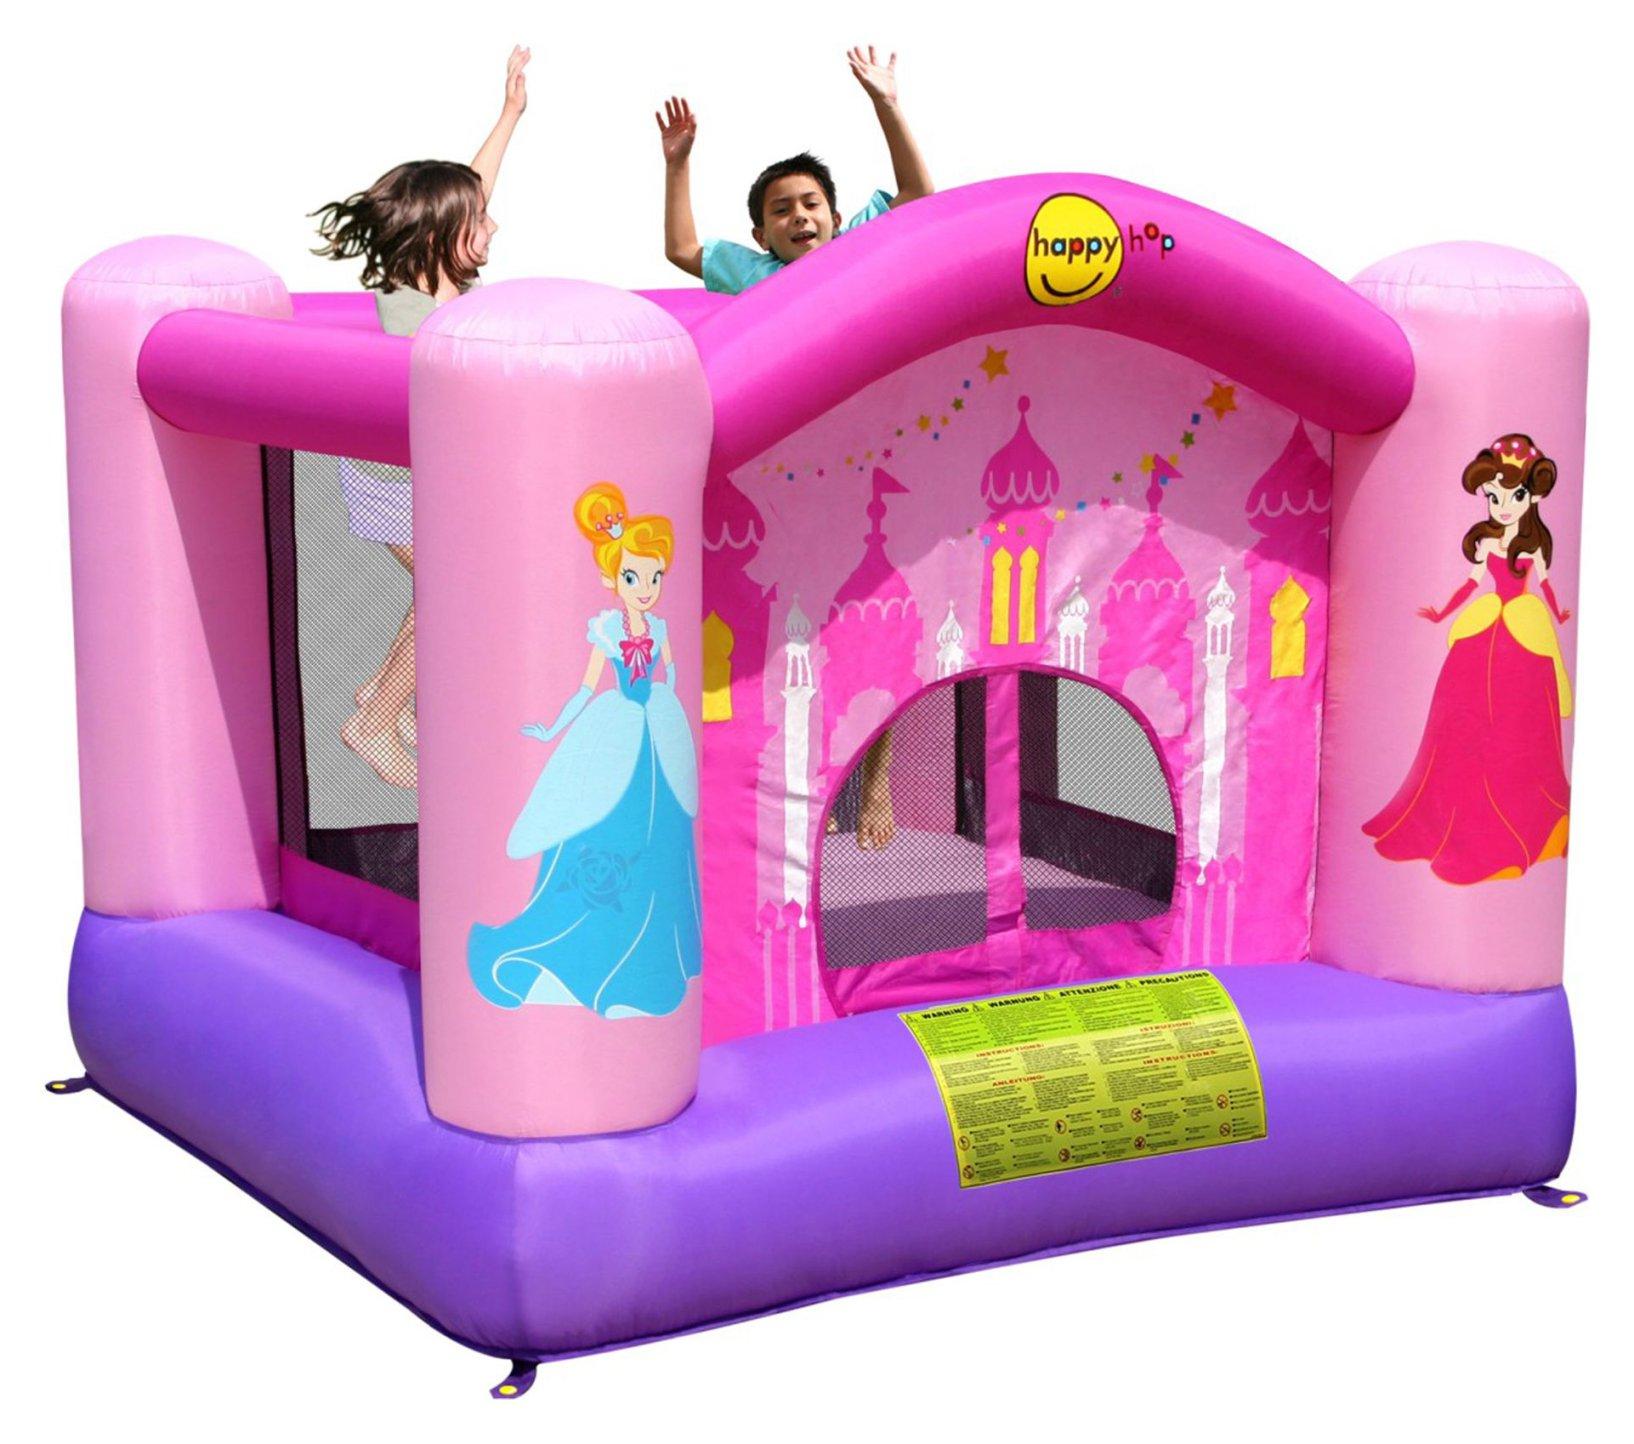 Надувной батут Веселая Принцесса 9001Р надувной батут вокруг света 9070n happy hop